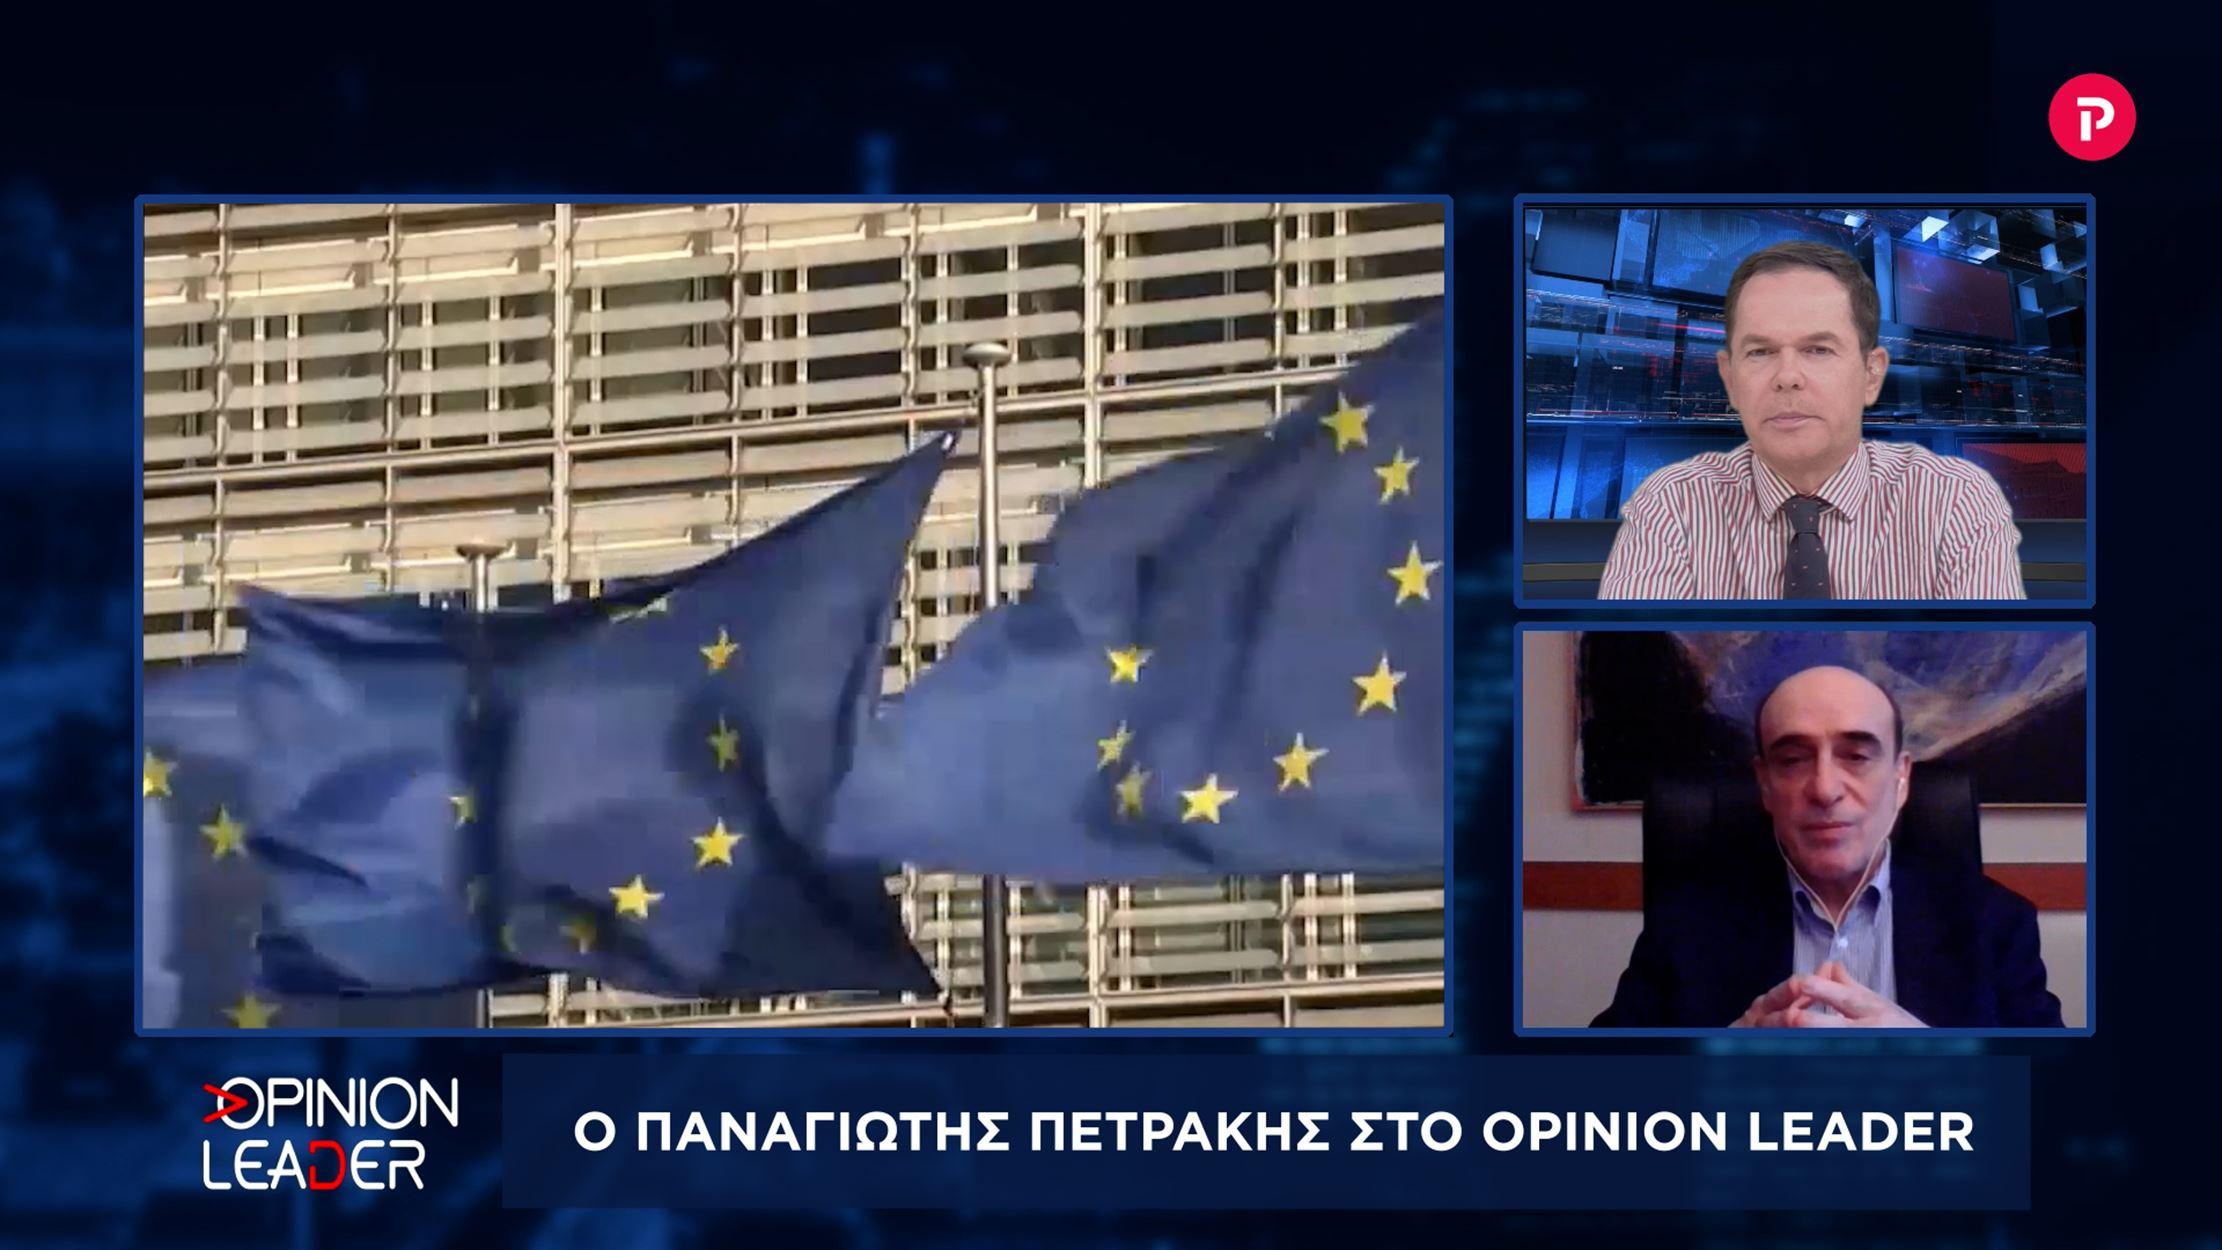 Παναγιώτης Πετράκης στο pagenews.gr